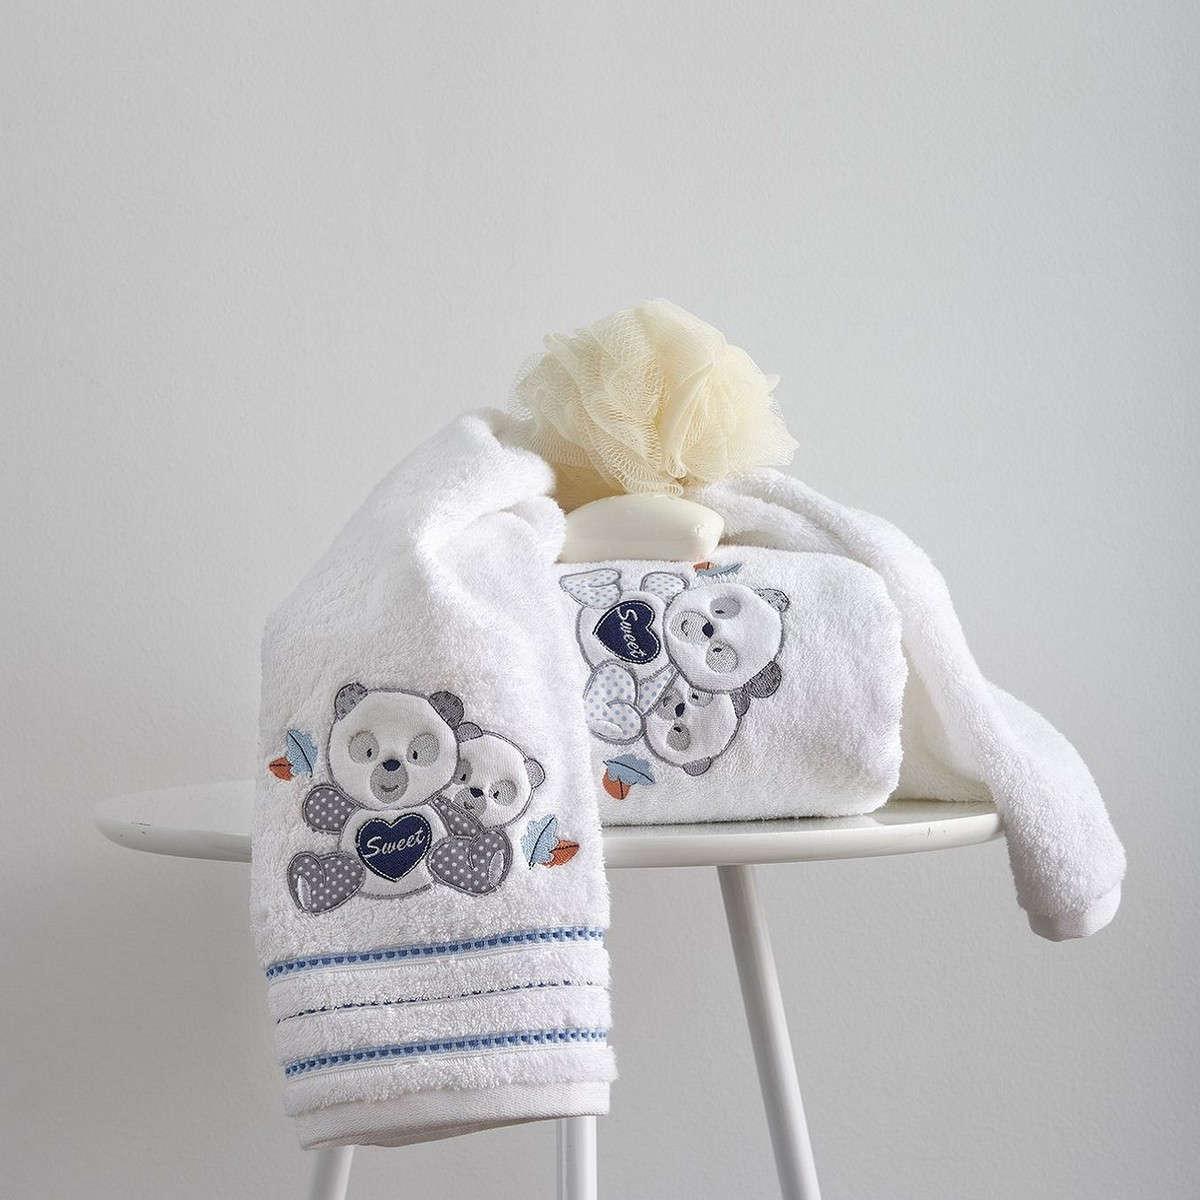 Πετσέτες Σετ Βρεφικές 2Τεμ. Με Κέντημα Panda Blue Sb Home Σετ Πετσέτες